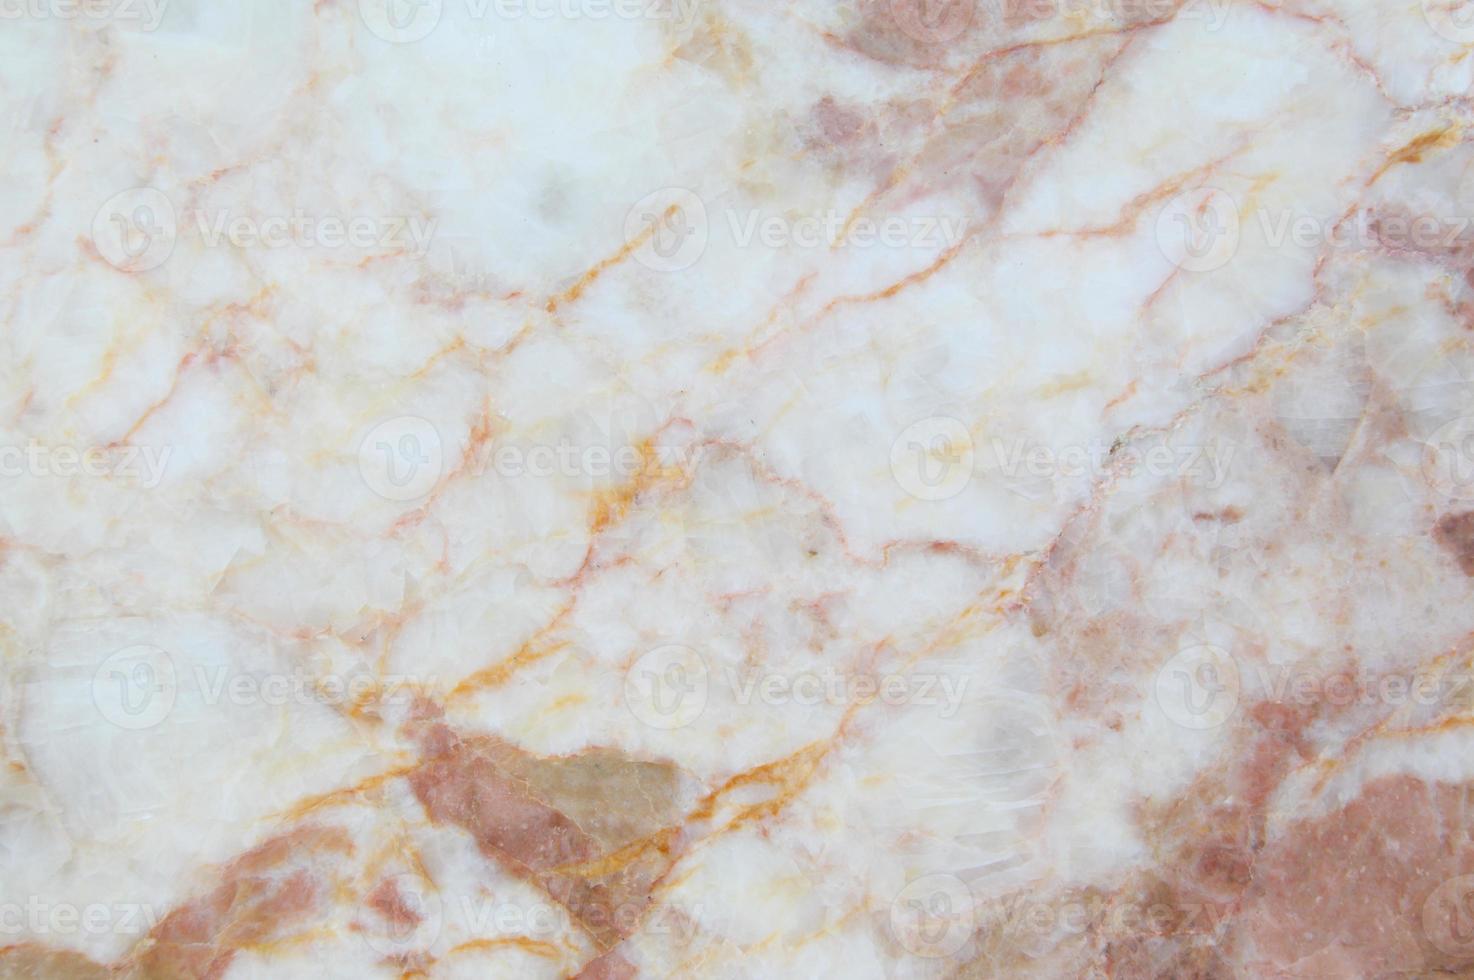 piastrelle di marmo texture di sfondo muro di marmo foto